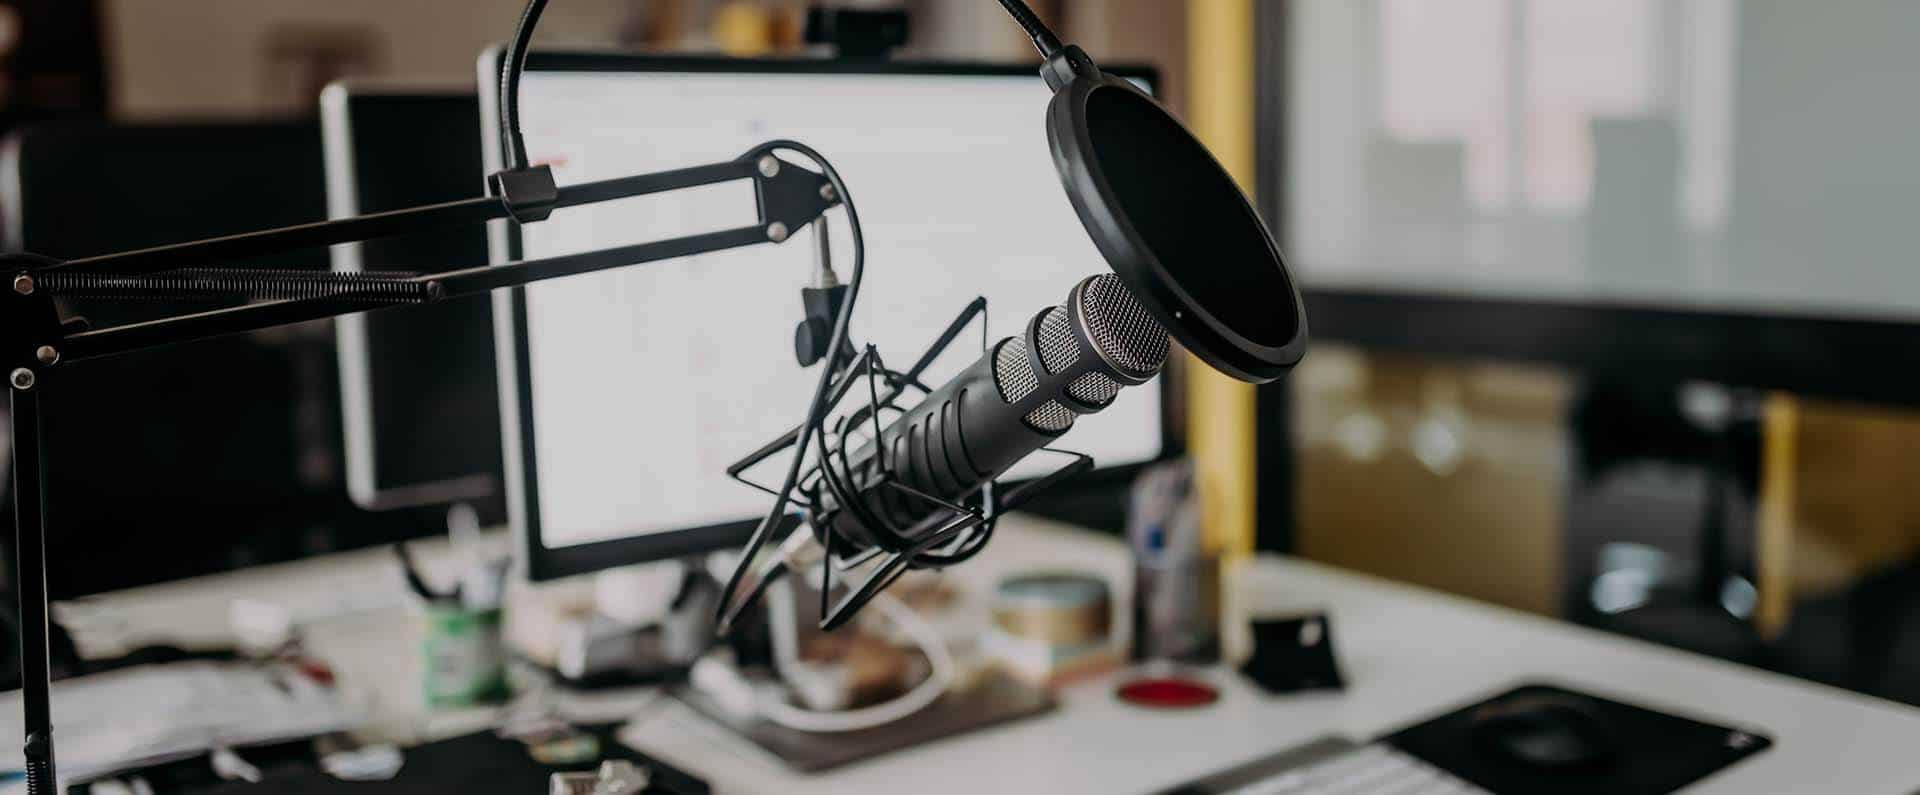 Compre os equipamentos certos para gravar um podcast